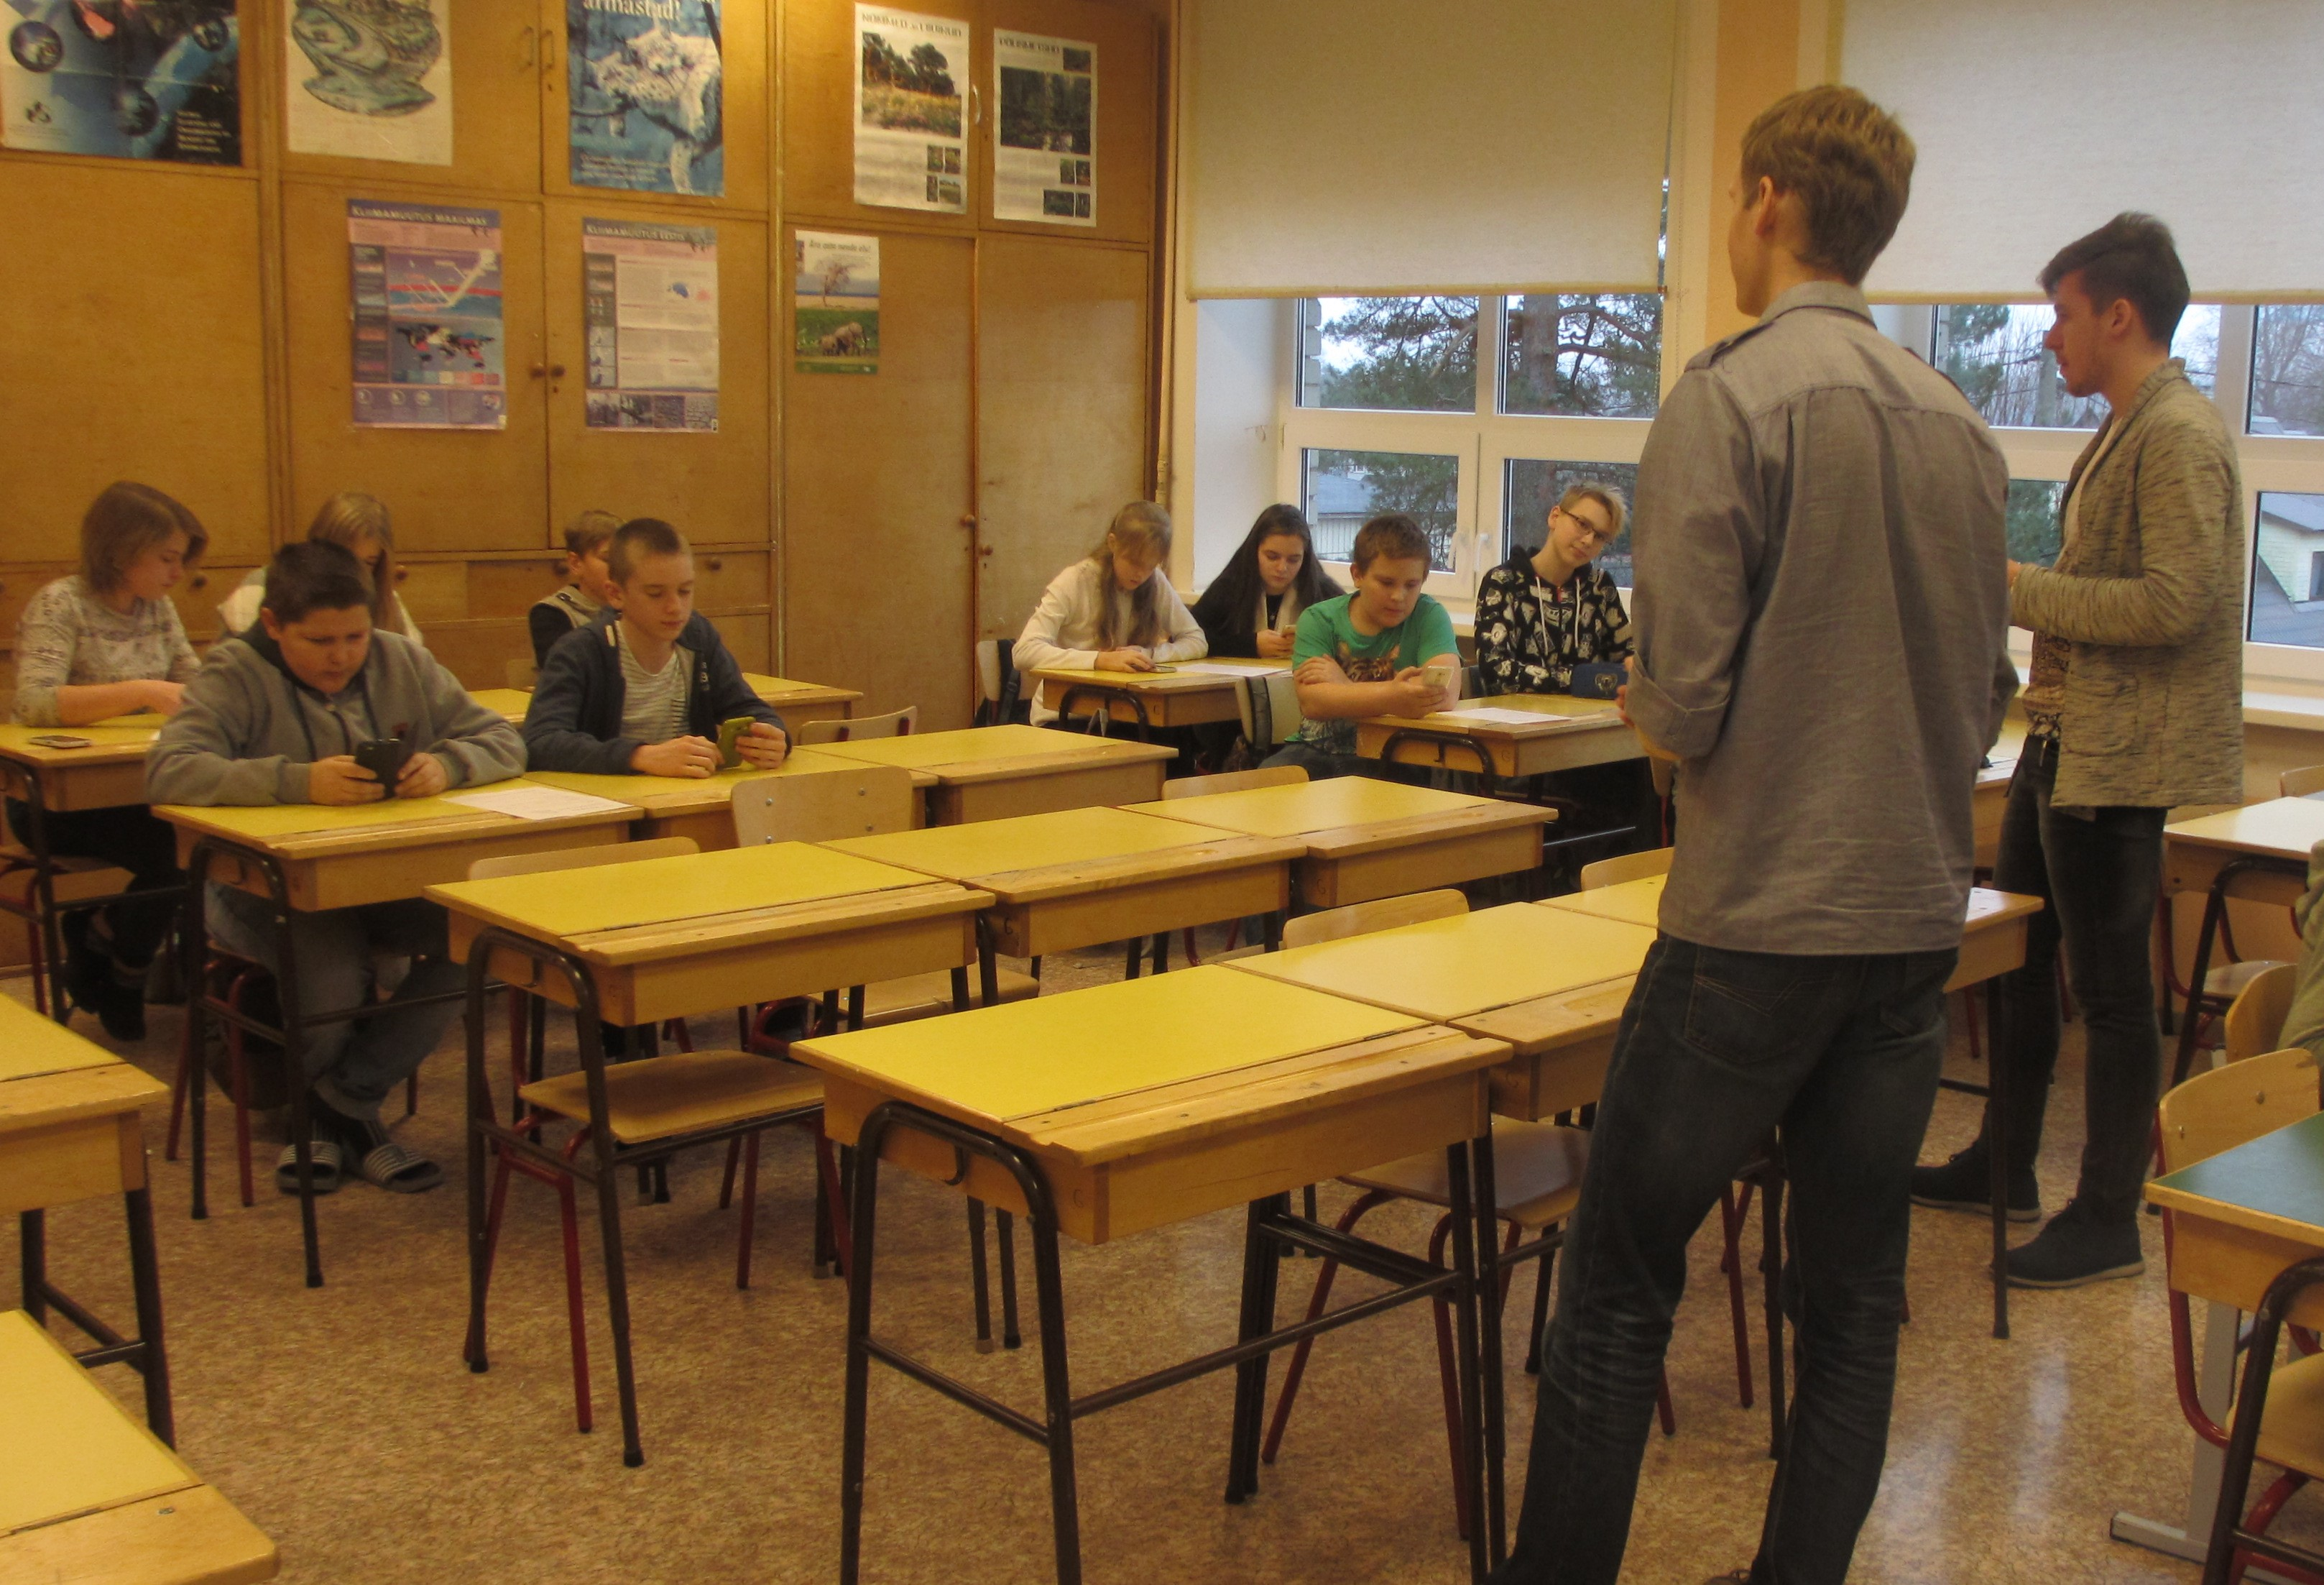 7 .b klassi õpilastele Locus Map tutvustamine. FOTO: Maiken Reiväli